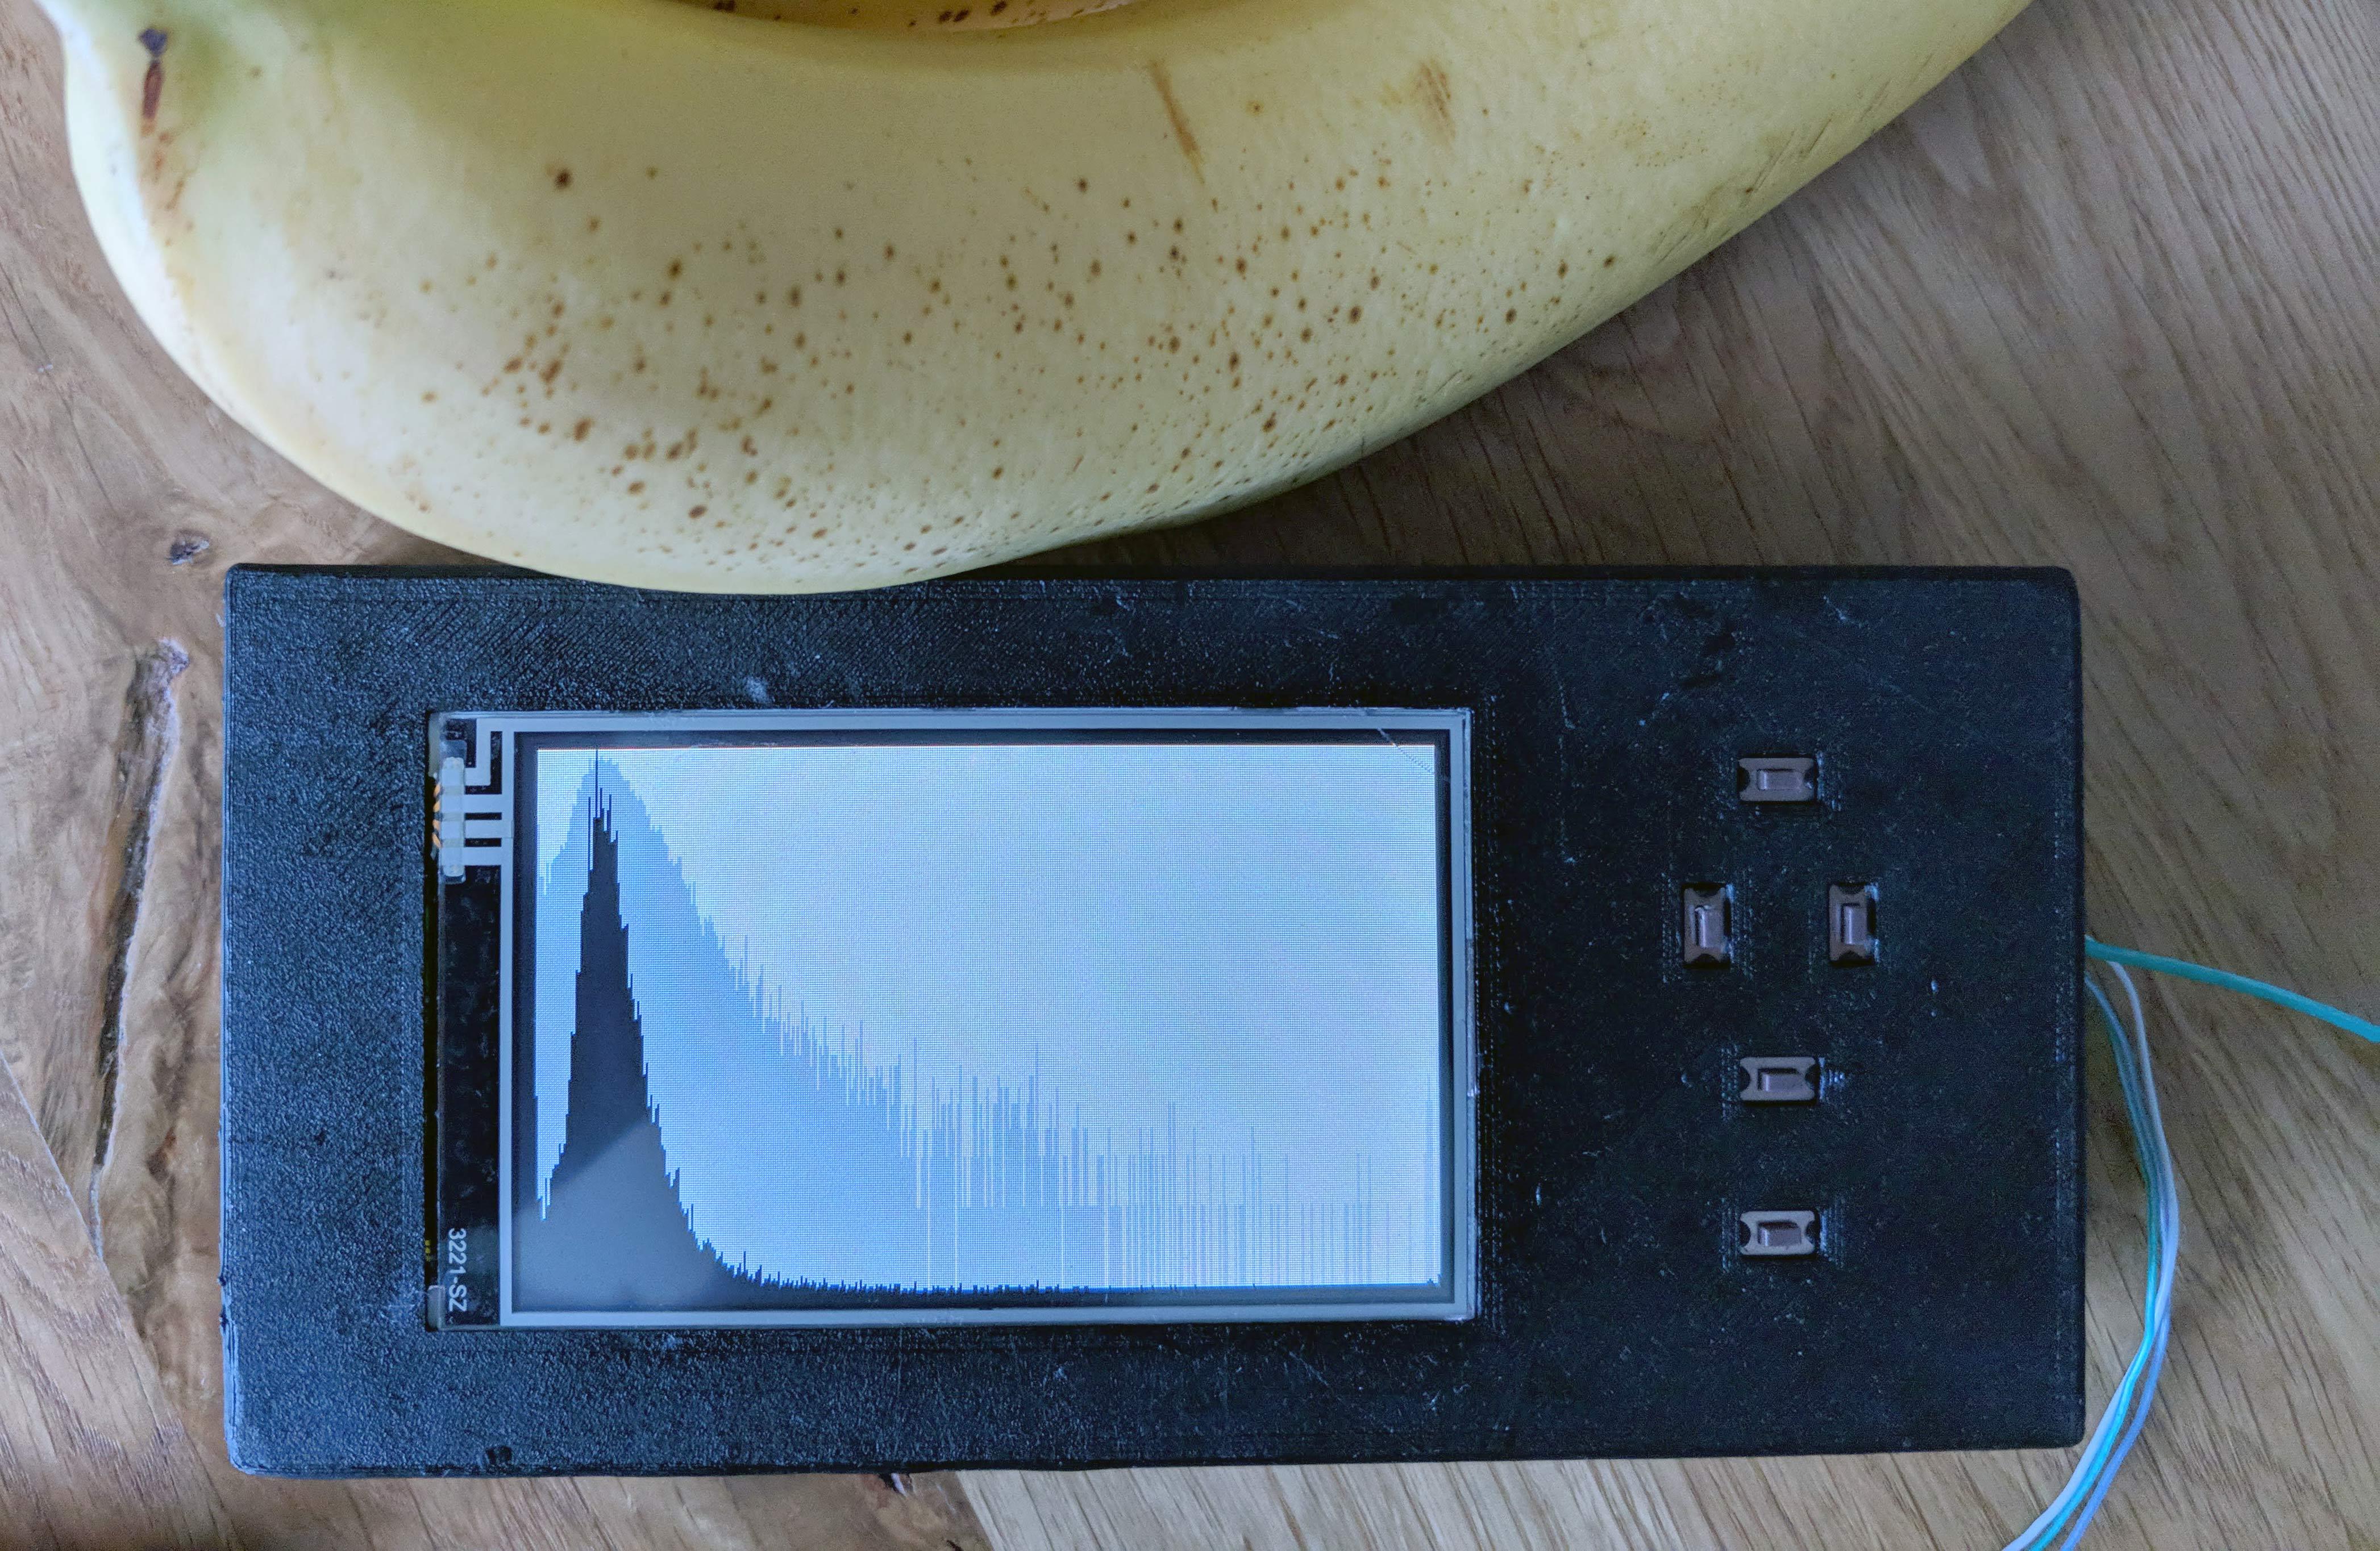 Делаем сами сцинтилляционный спектрометр из… радиометра